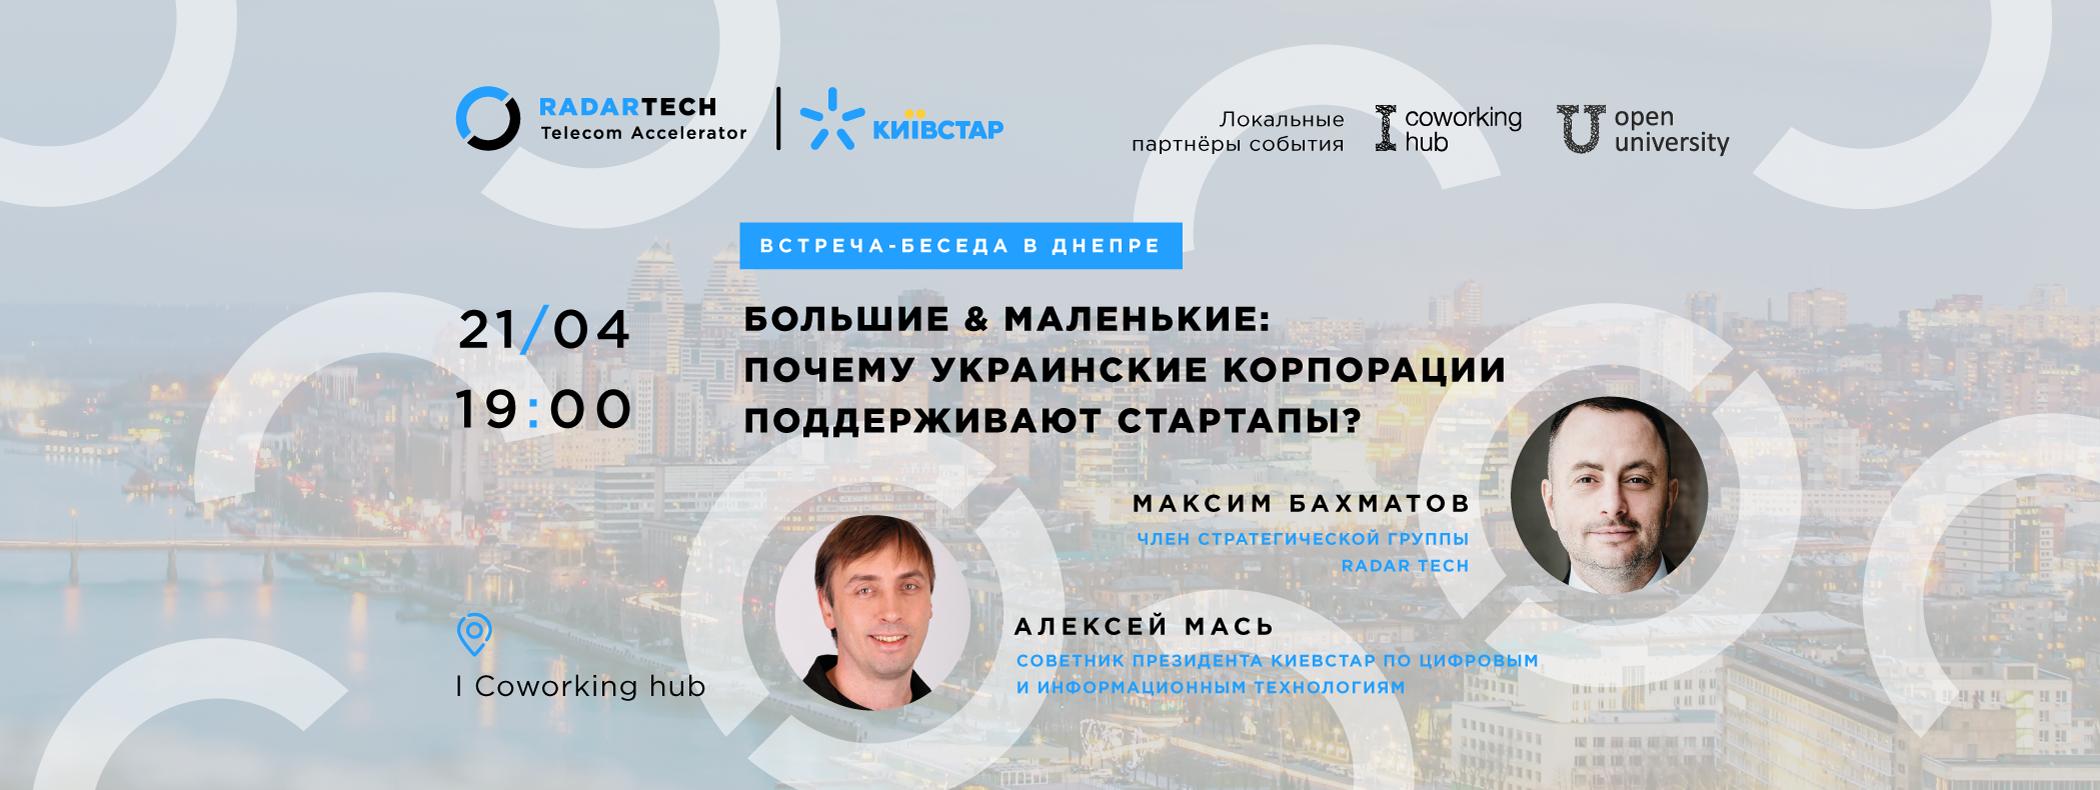 21 апреля, Днепр. Большие & маленькие: Почему украинские корпорации поддерживают стартапы?